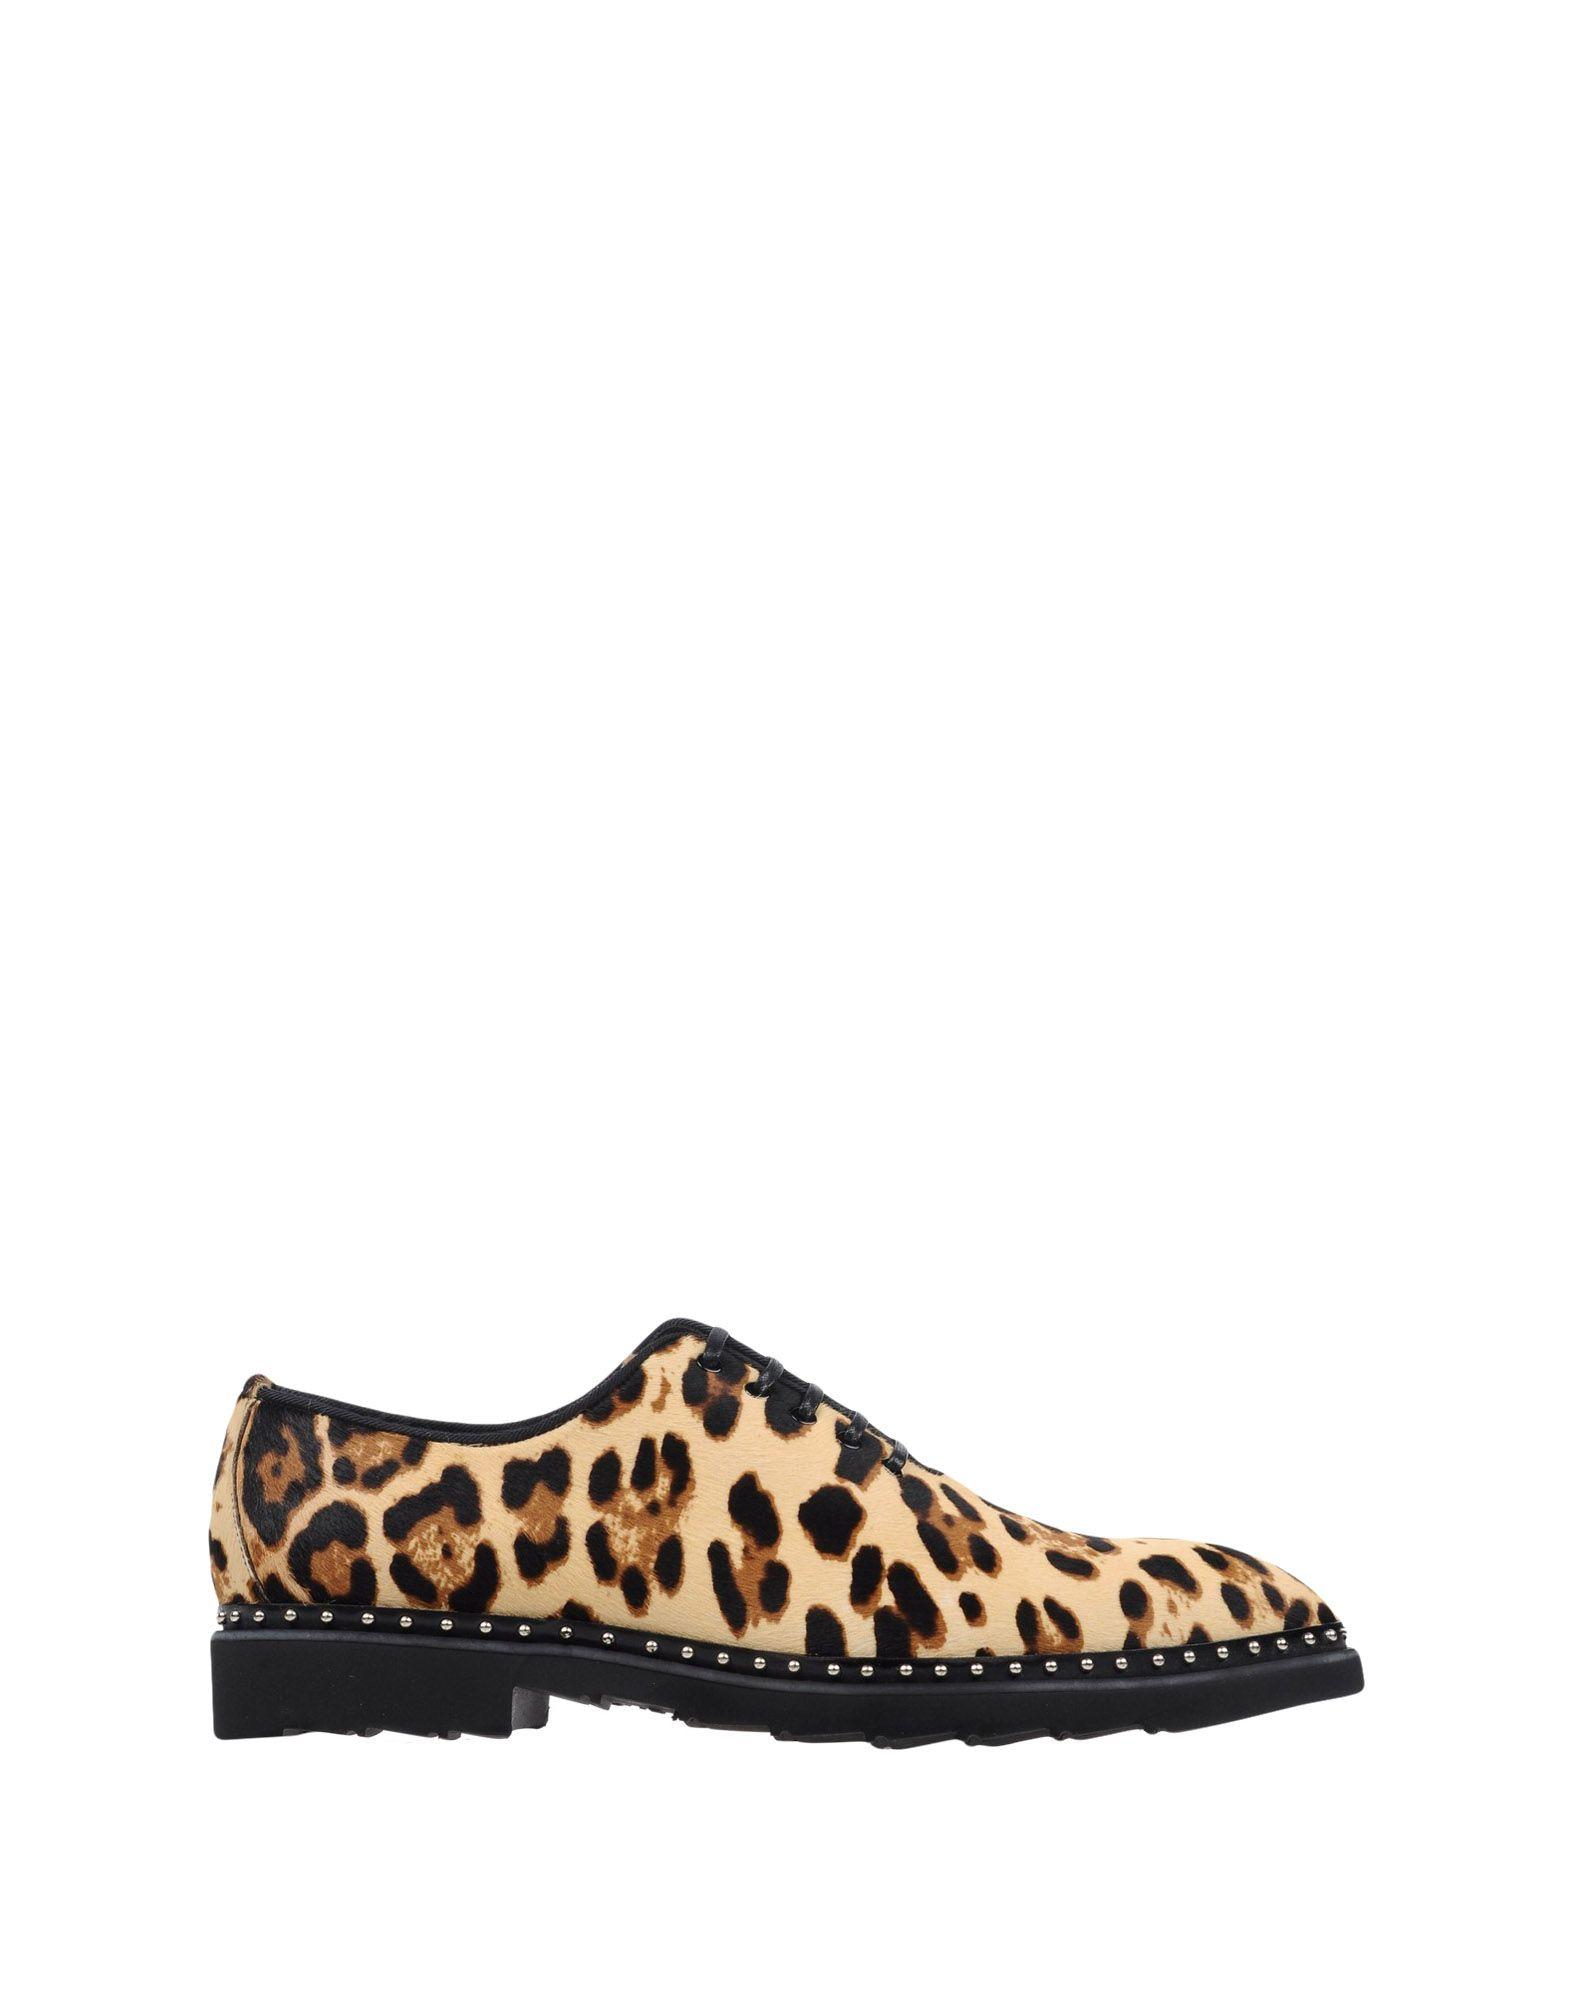 Dolce & Gabbana Schnürschuhe Herren Herren Schnürschuhe  11354226MA Gute Qualität beliebte Schuhe 393da5